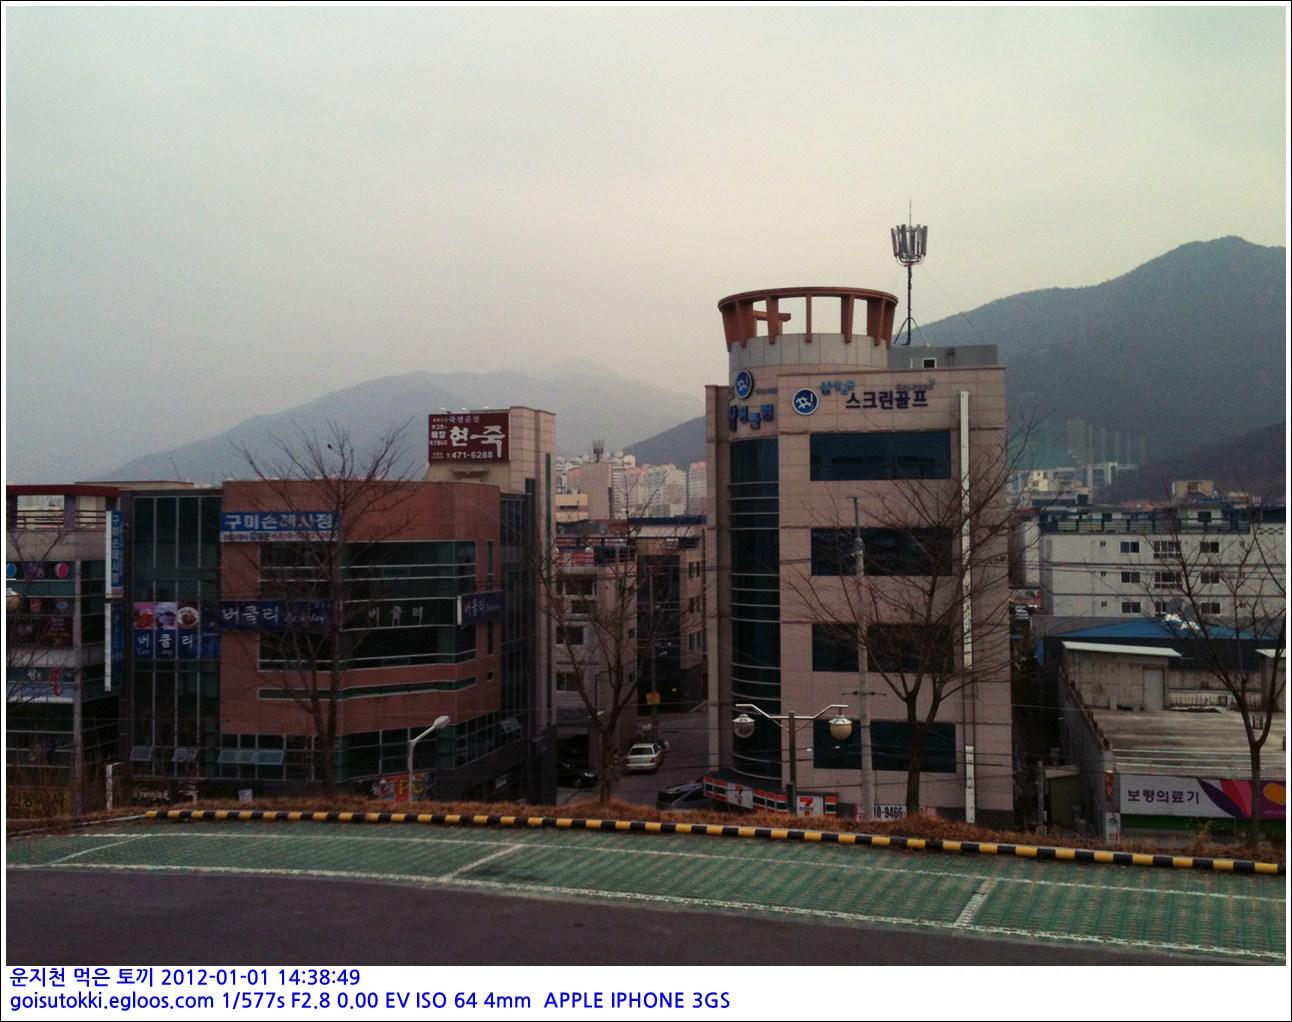 구미 강동병원 주위 풍경입니다.